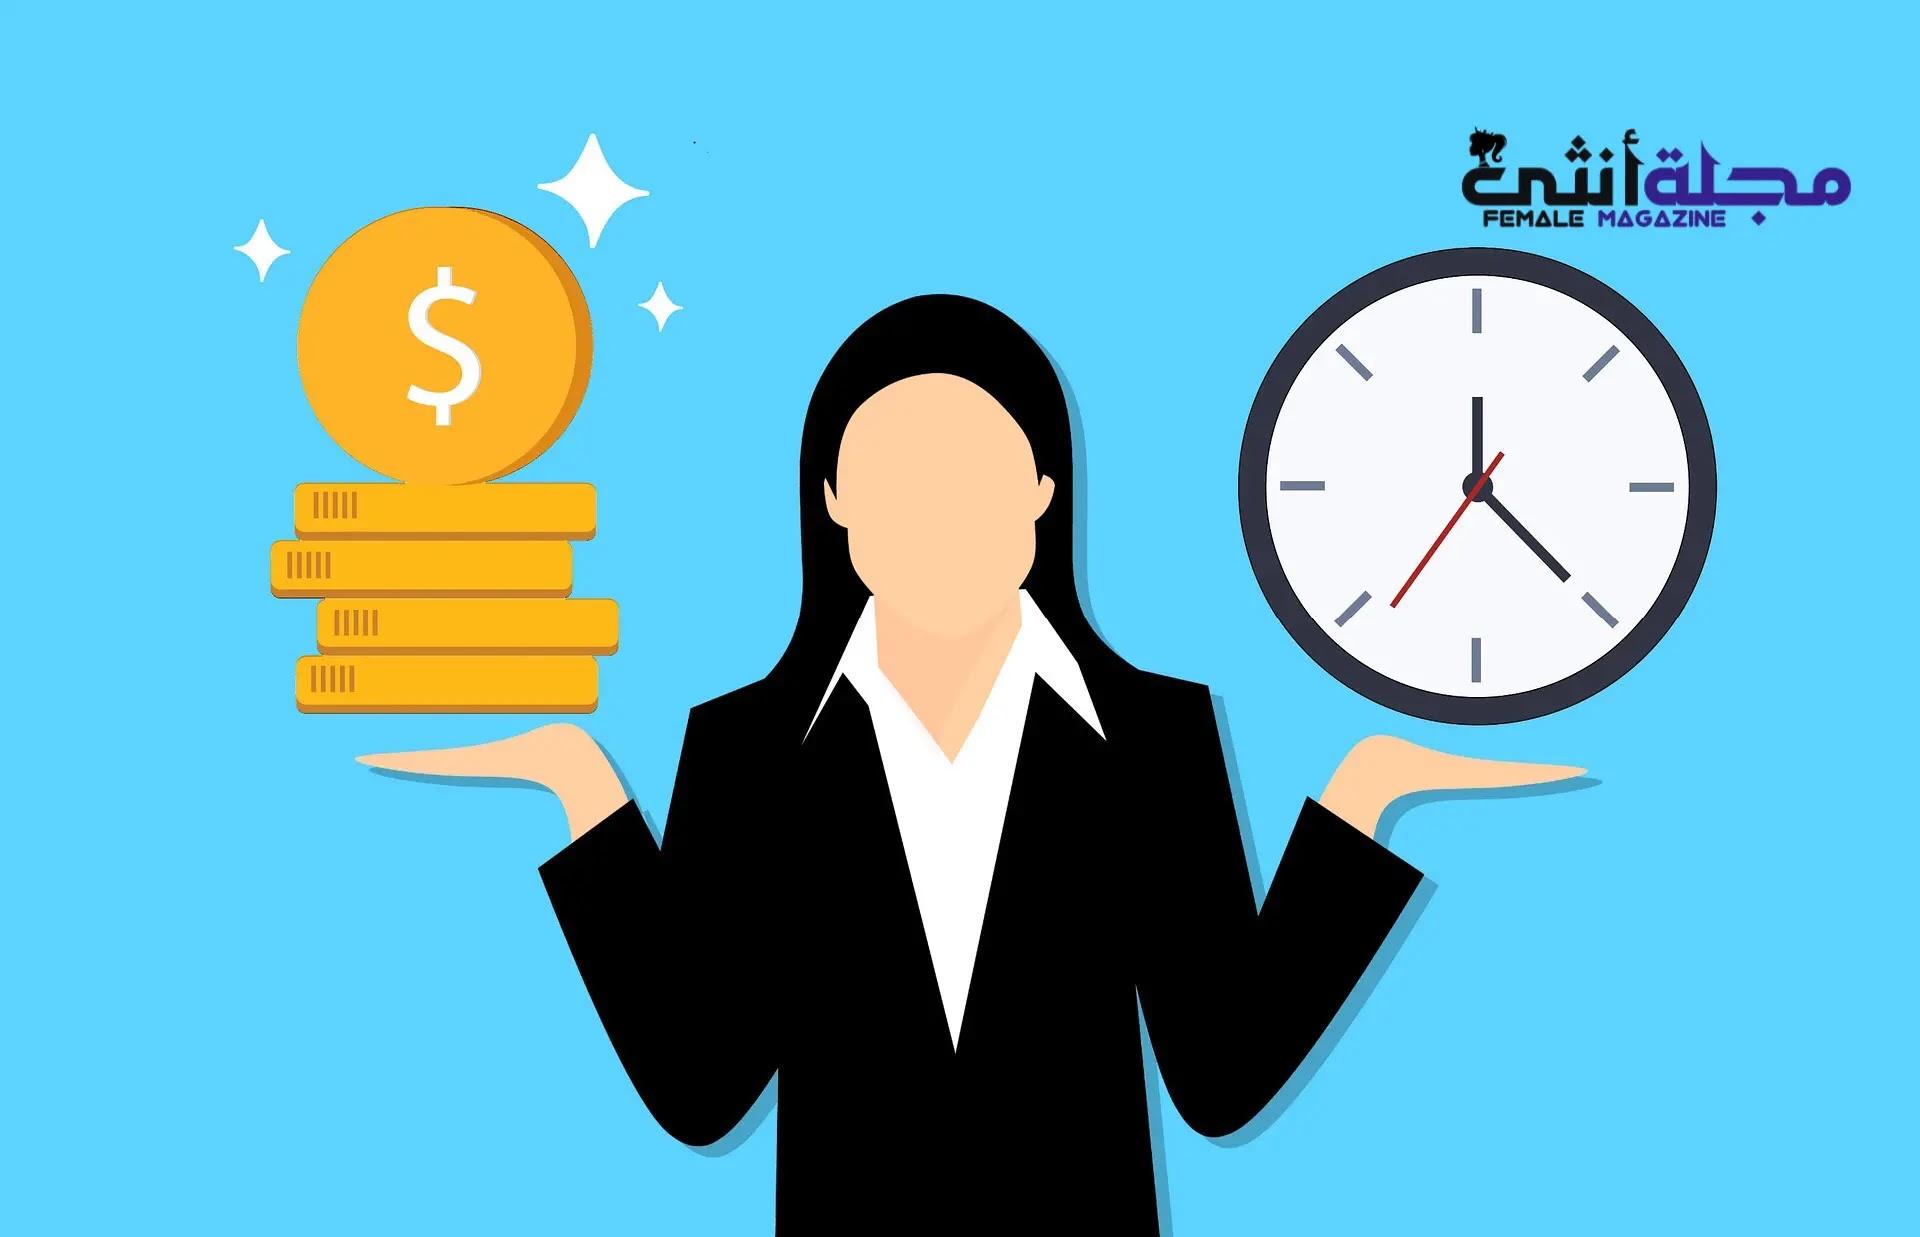 نصائح لمرأة أكثر نجاح في العمل والبيت